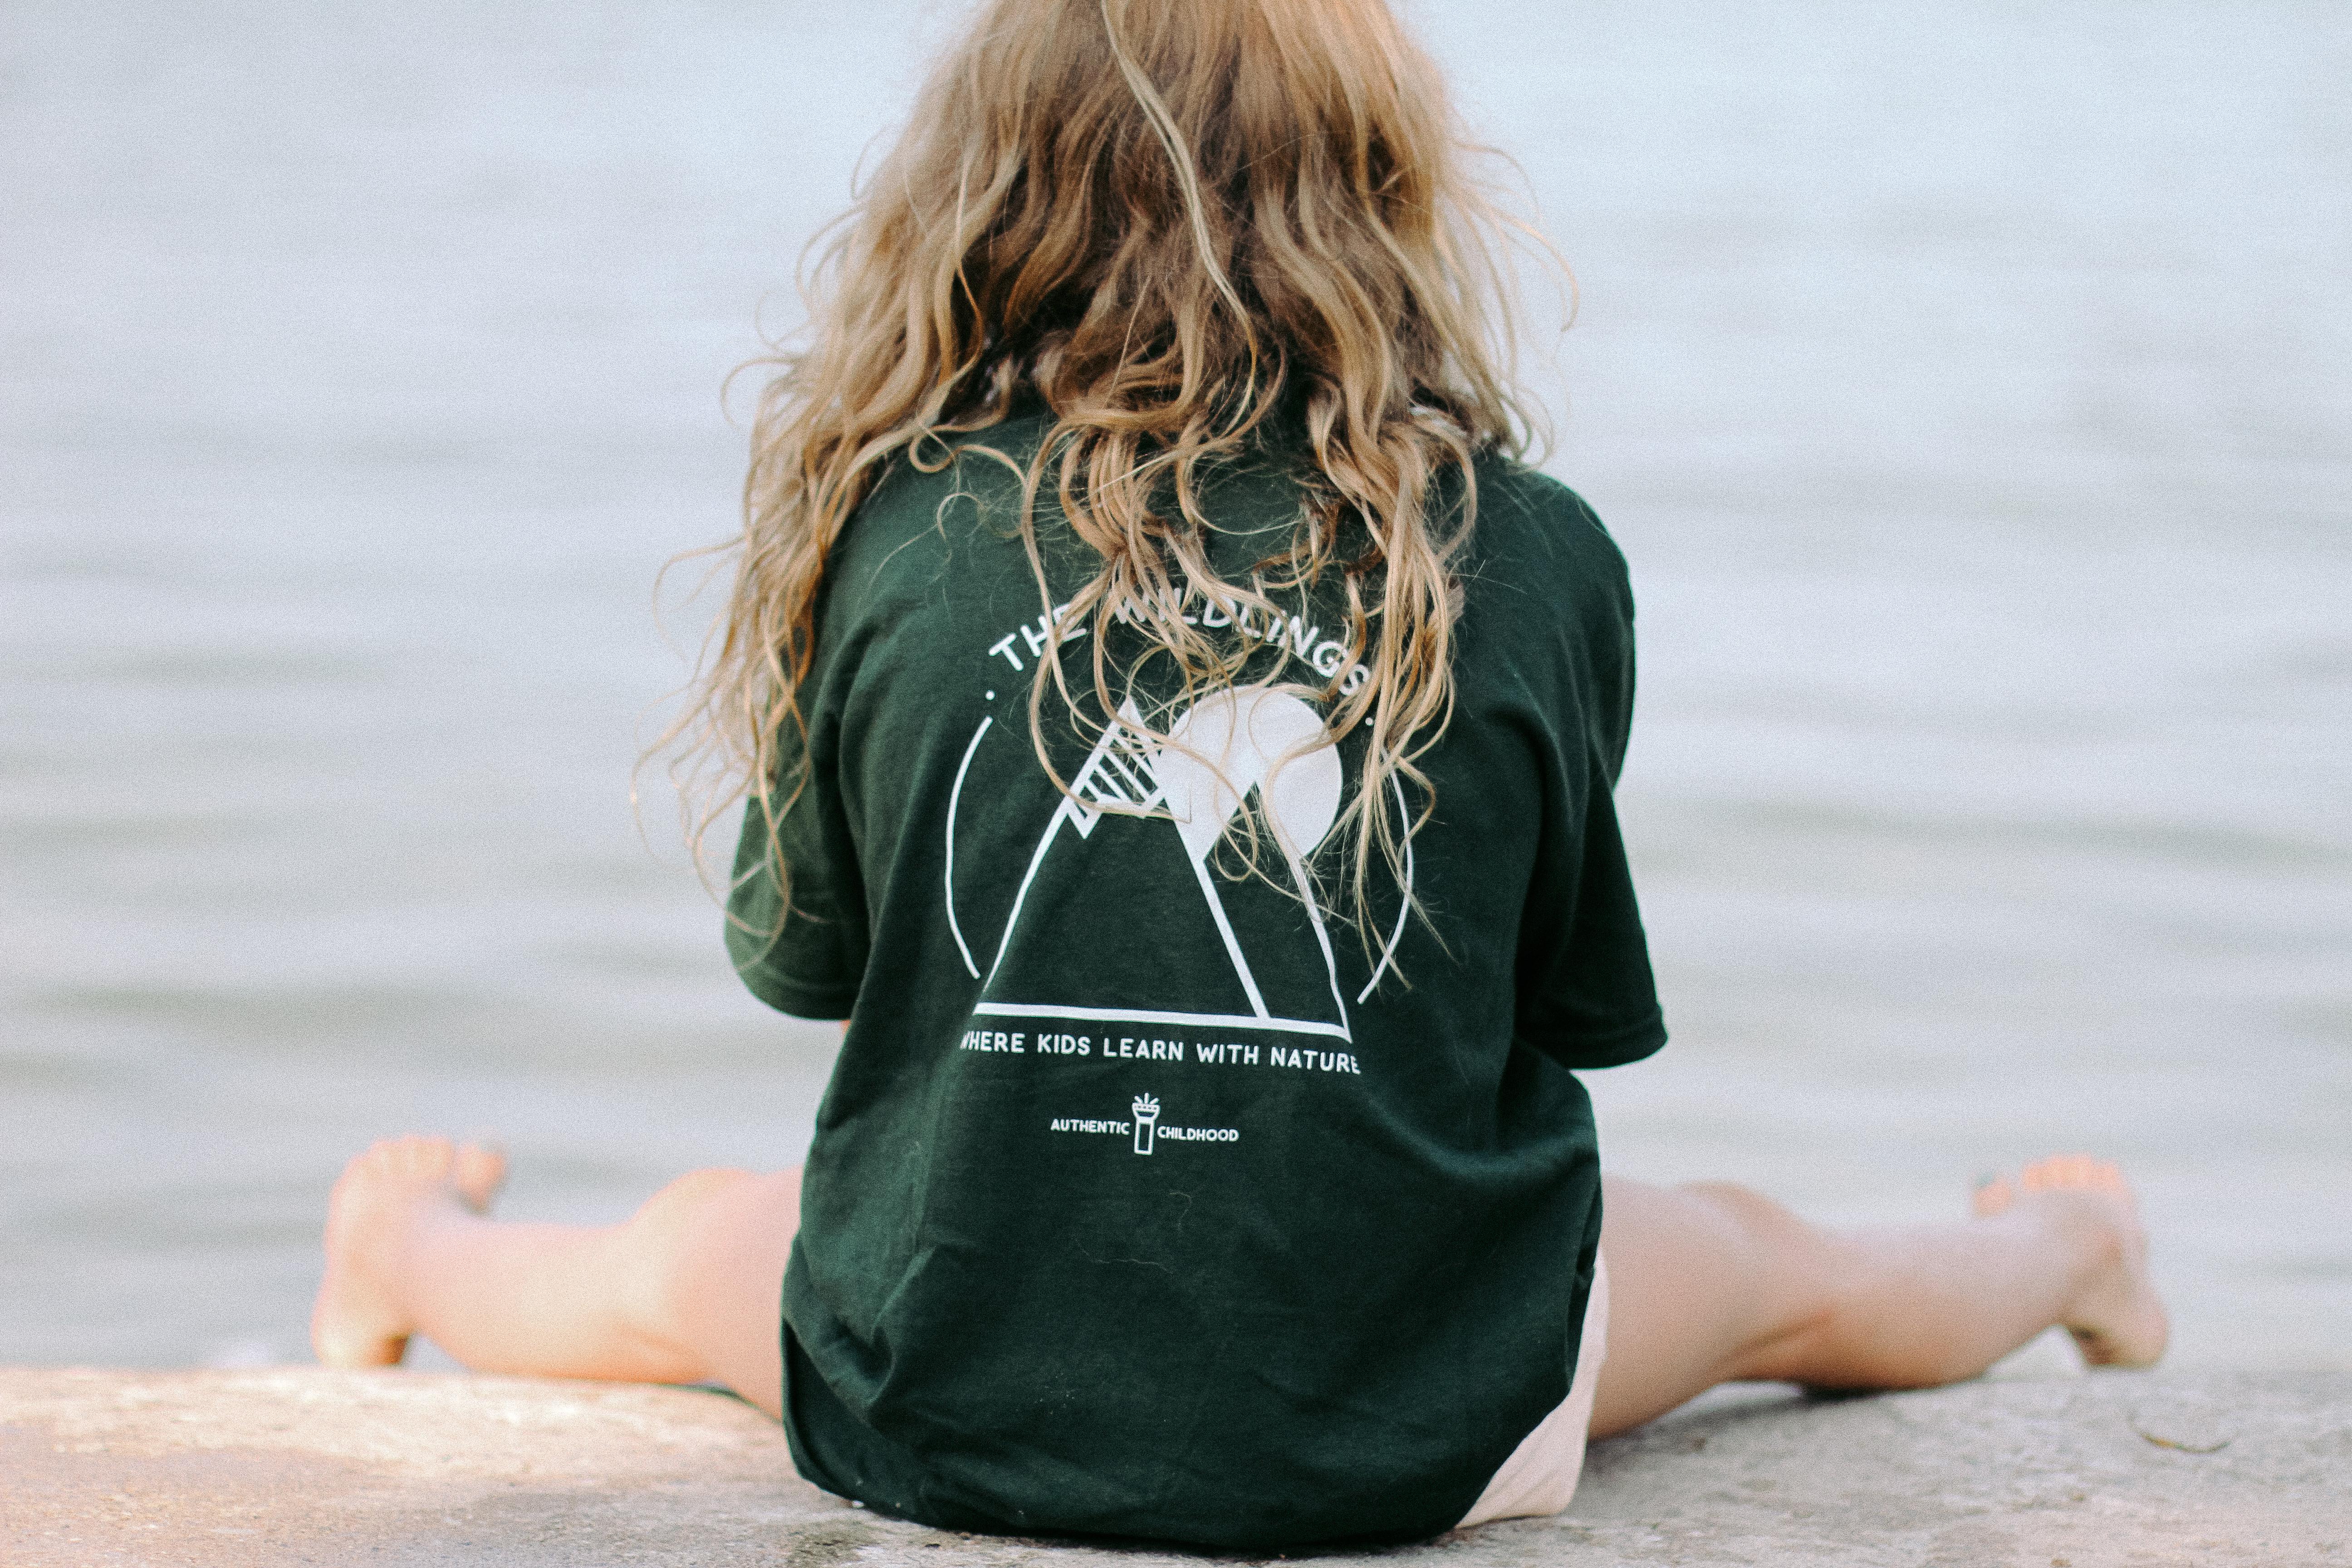 Wildlings Summer Camp